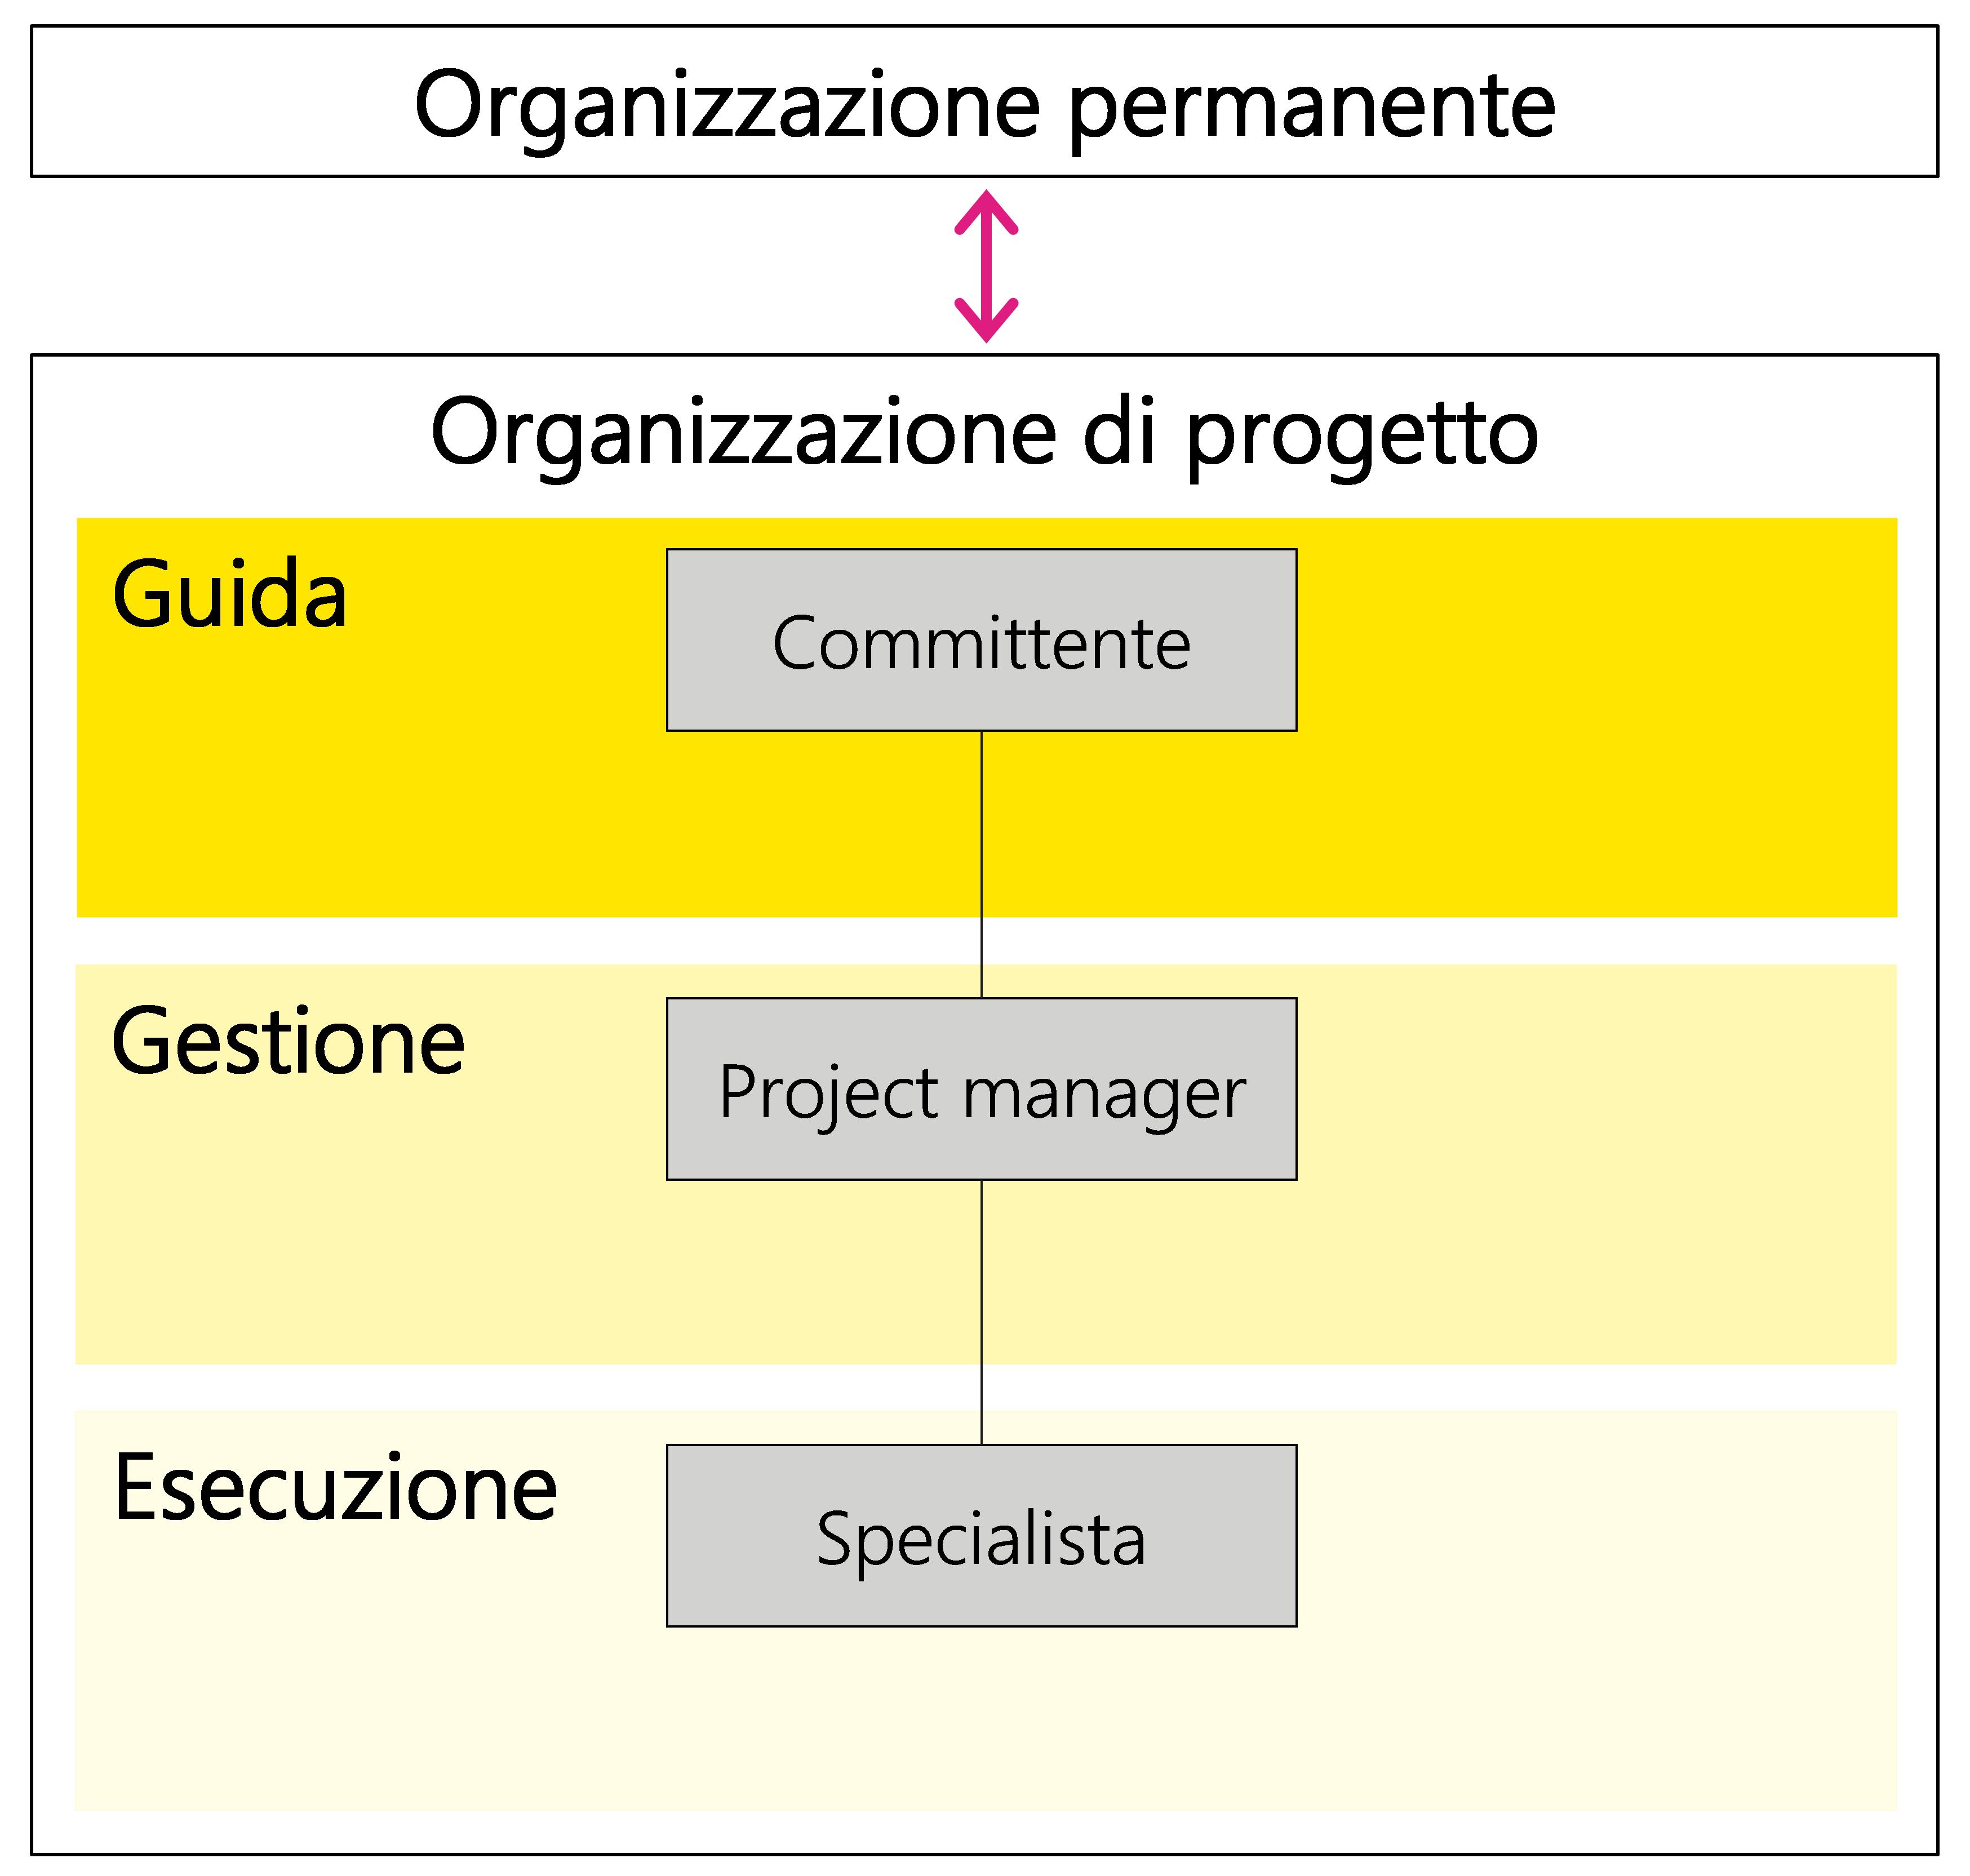 Figura 4: Relazione tra organizzazione permanente e organizzazione di progetto